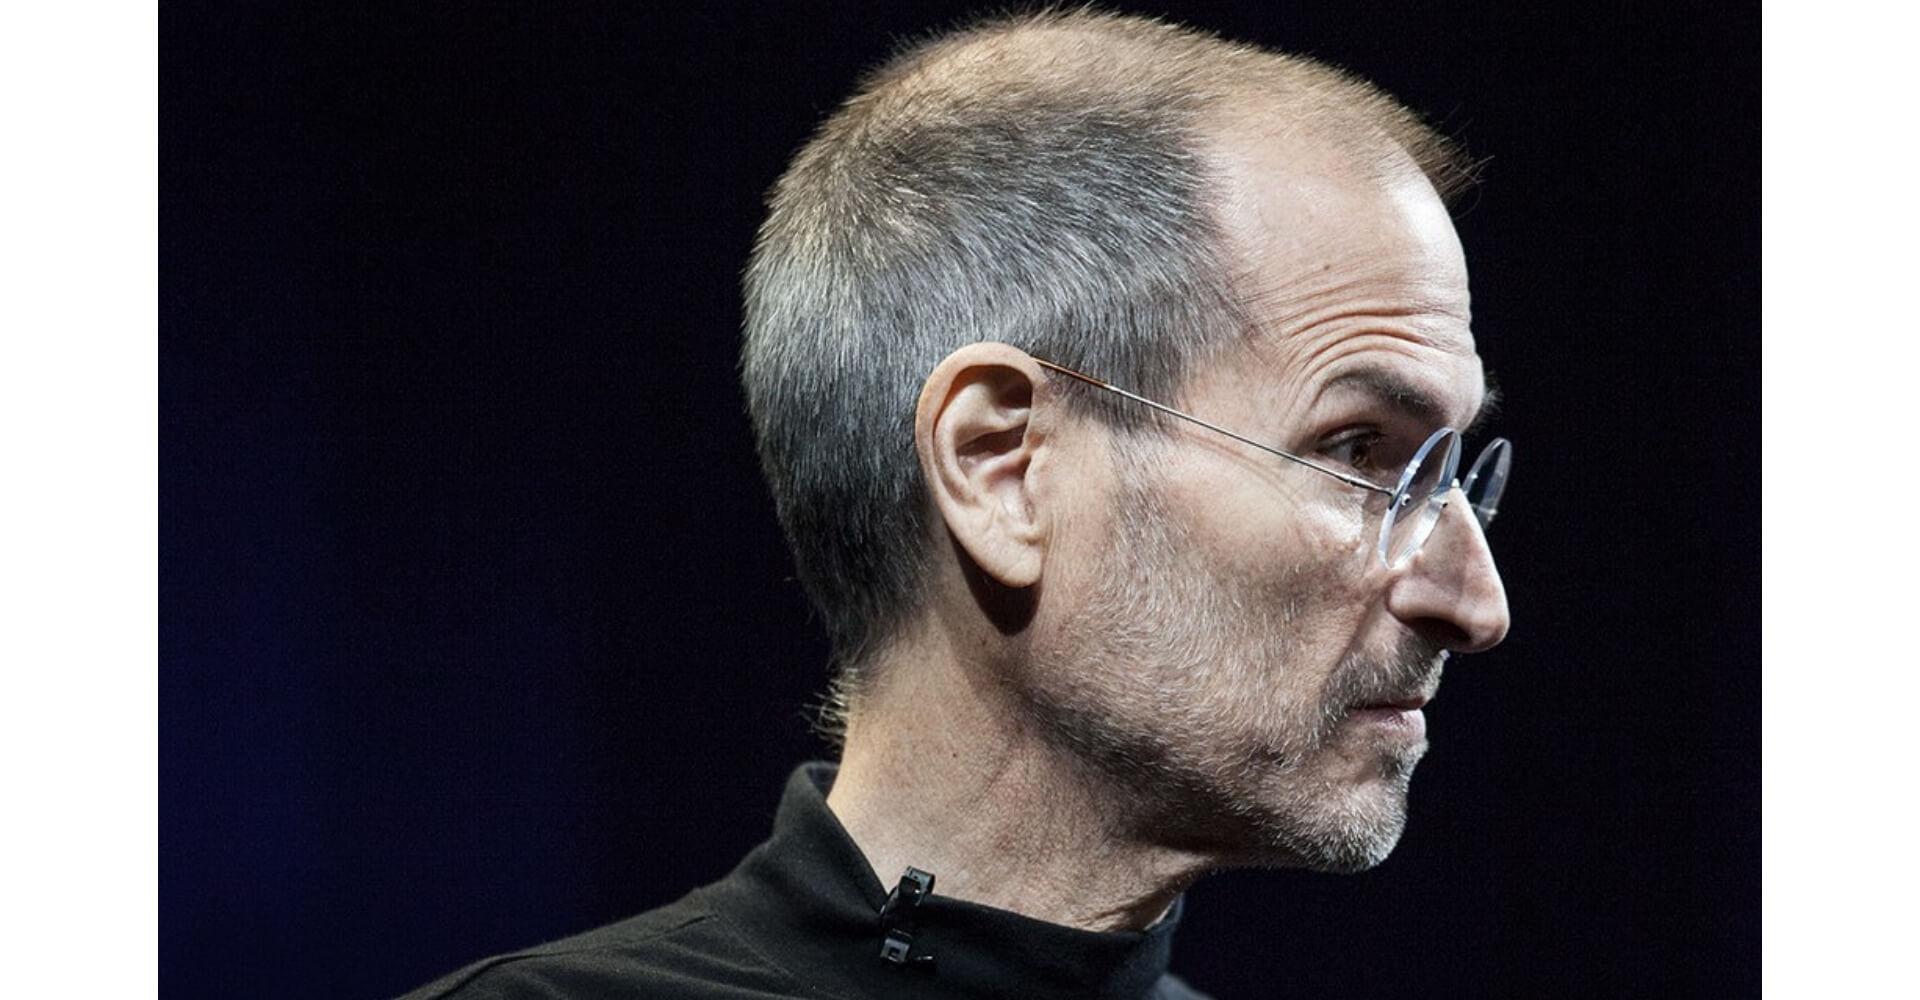 jaki był naprawdę Steve Jobs?